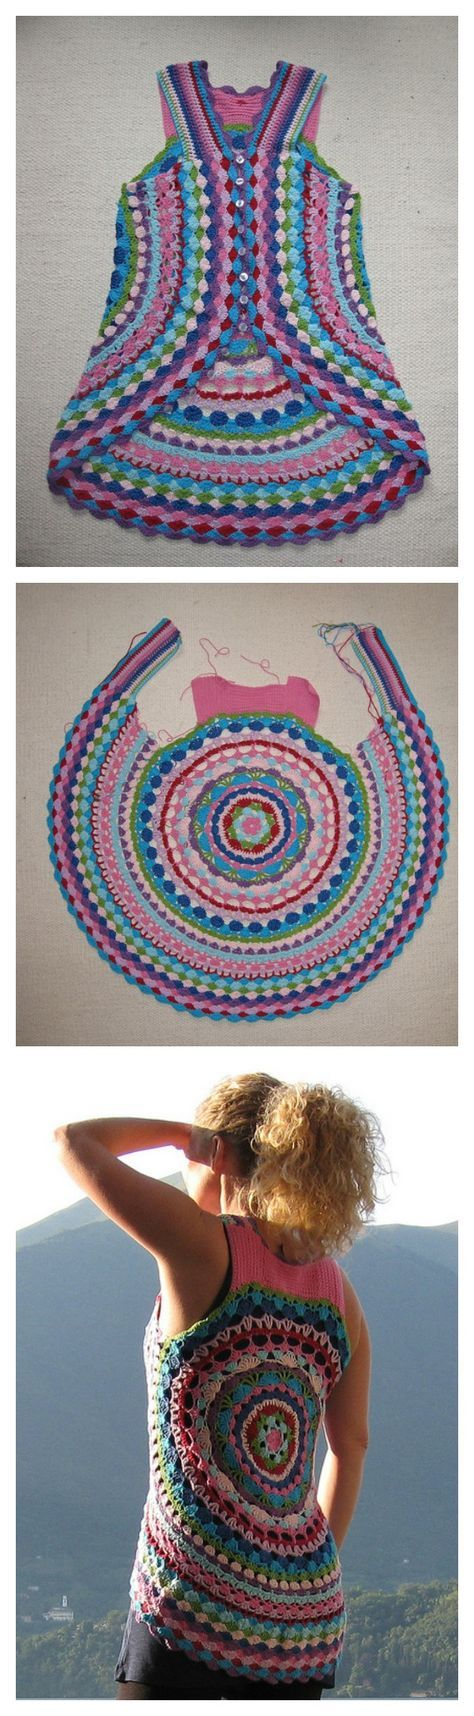 Round crochet top - no pattern